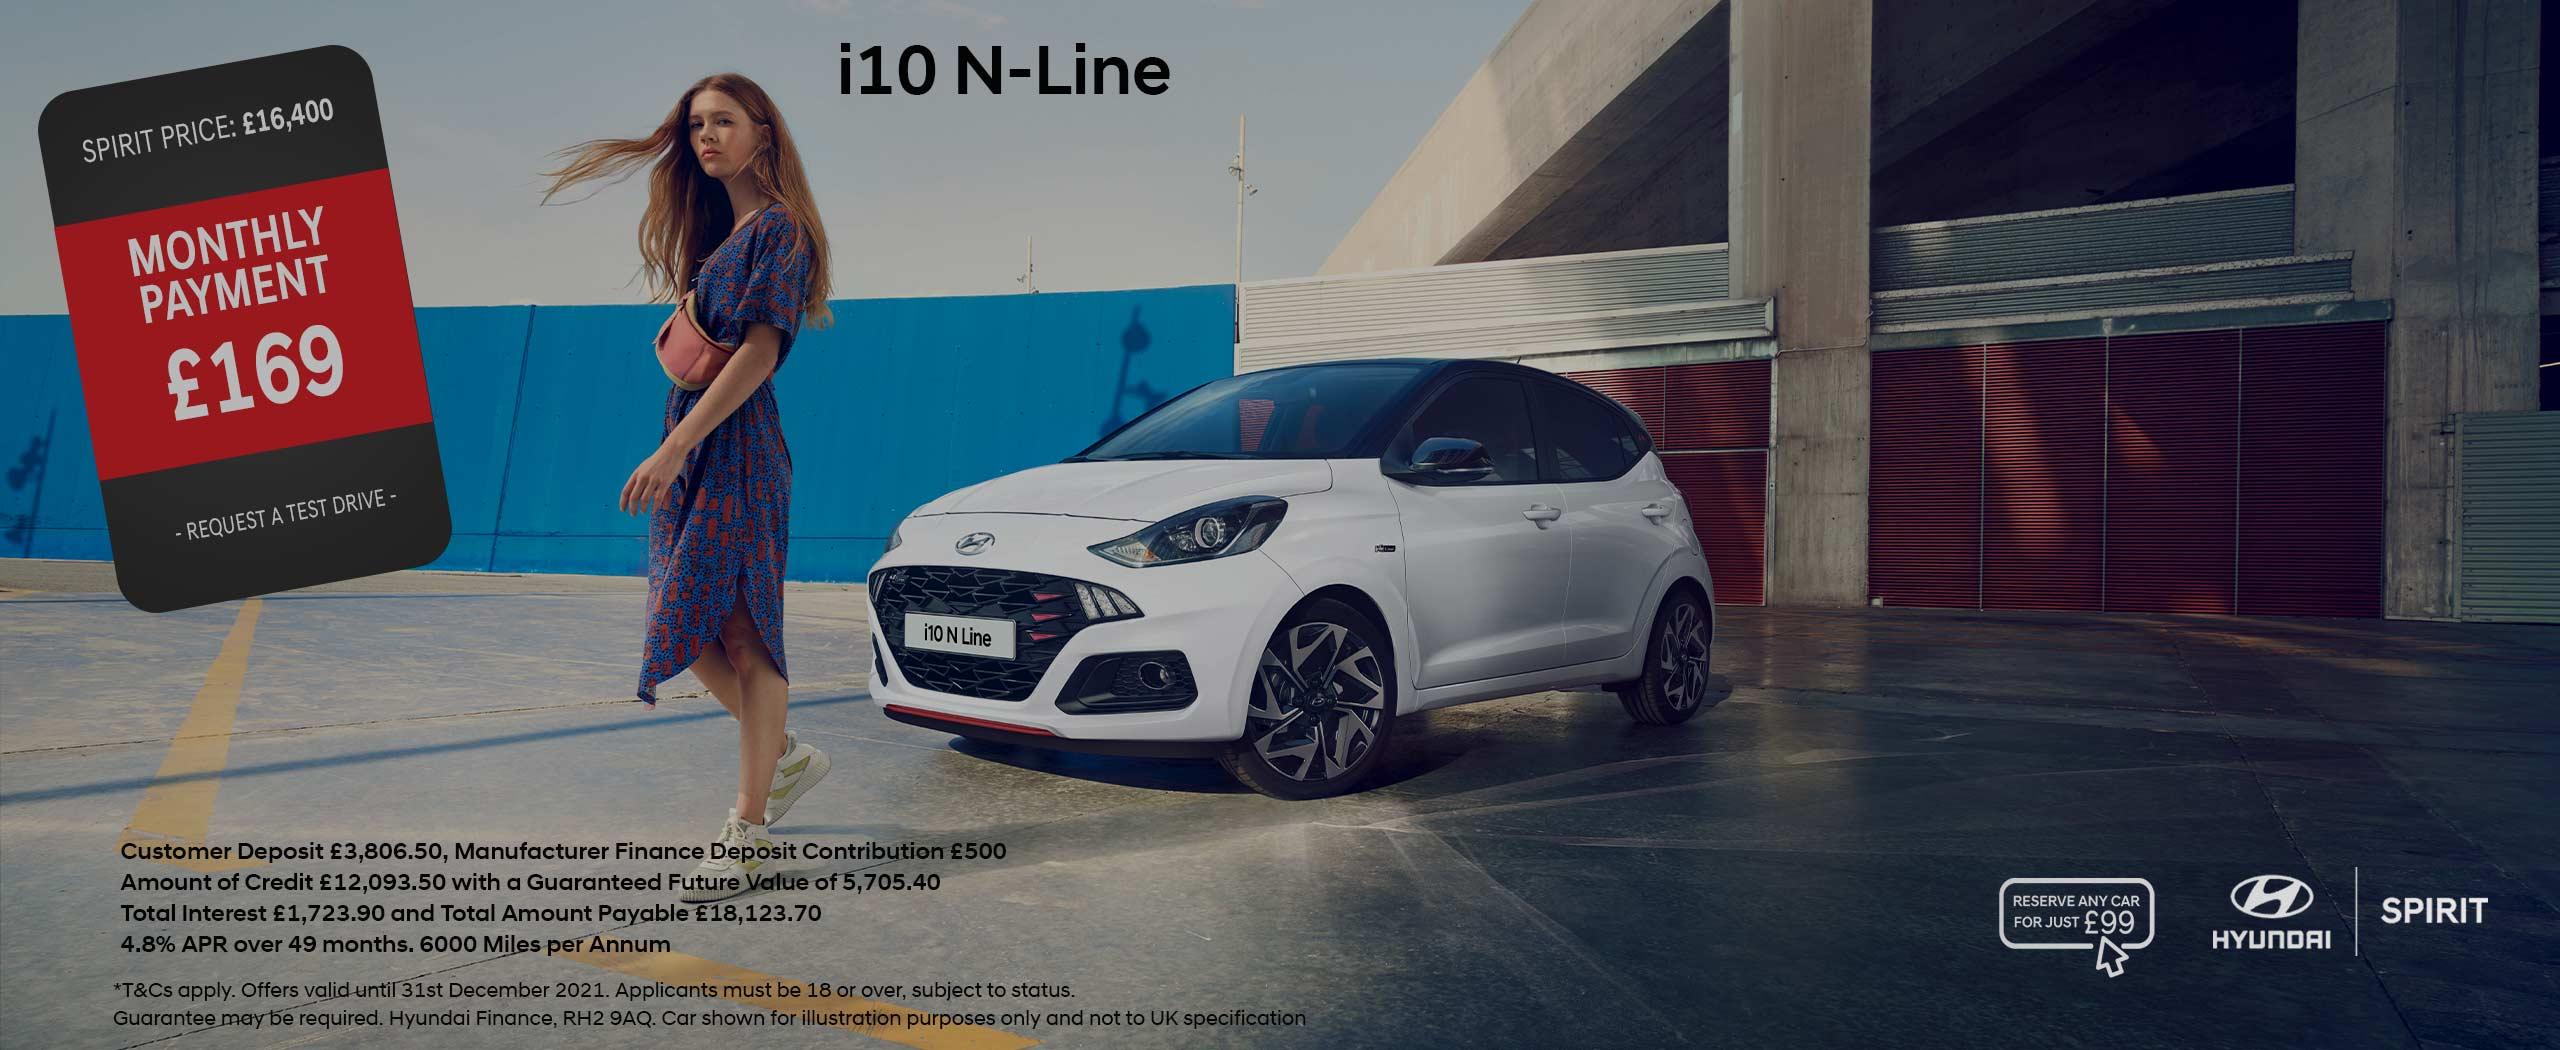 i10 N-Line